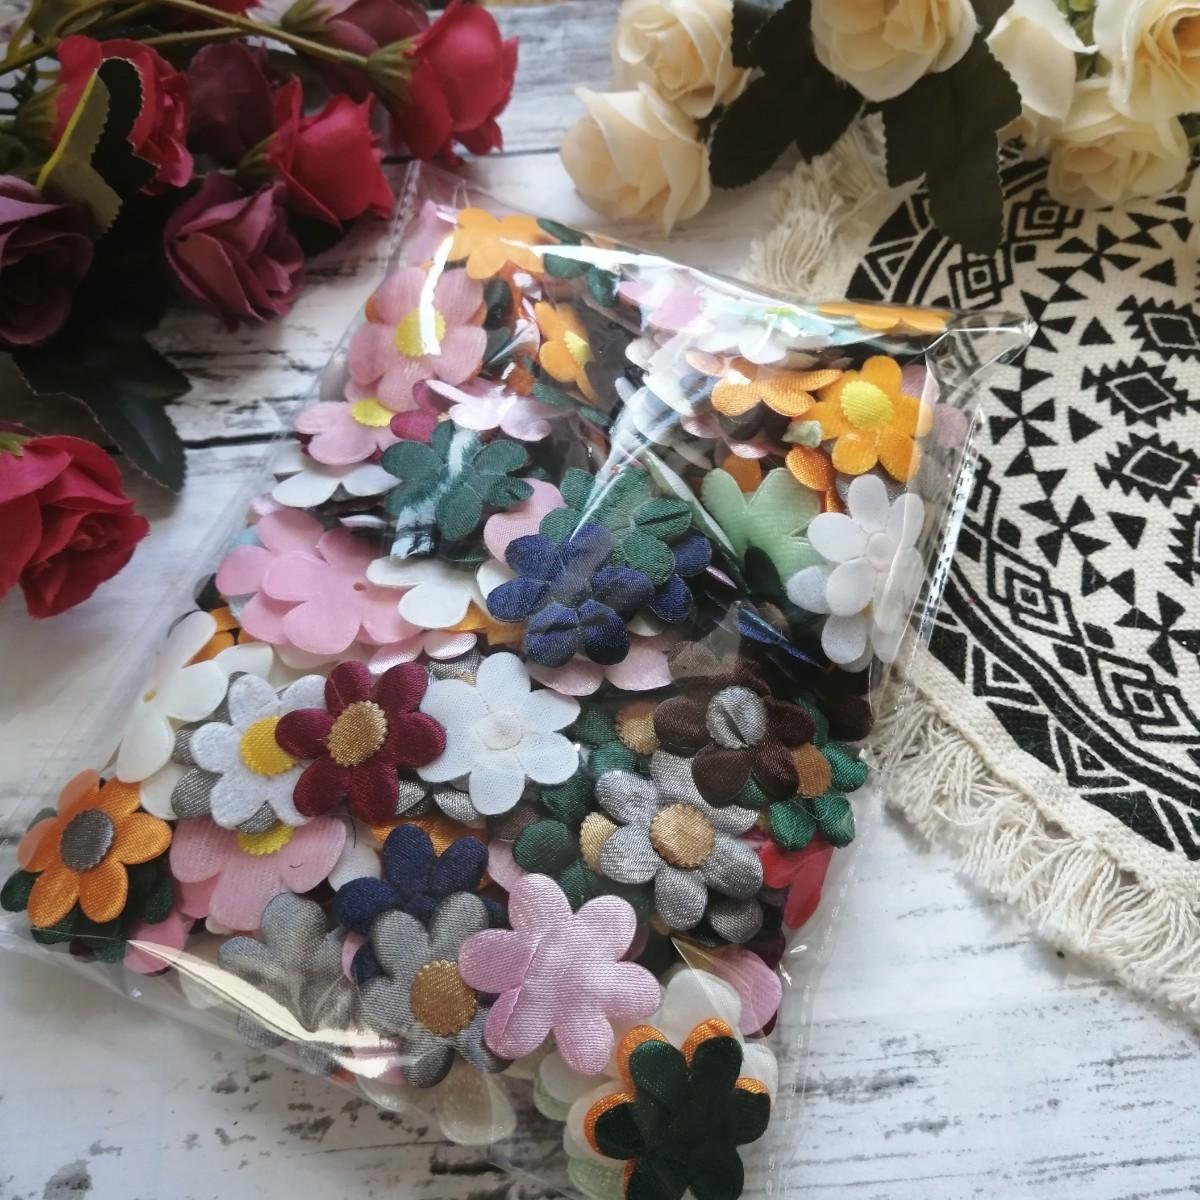 ハンドメイド ワッペン   刺繍 綺麗なワッベン 手作り 花モチーフ 夏休み1